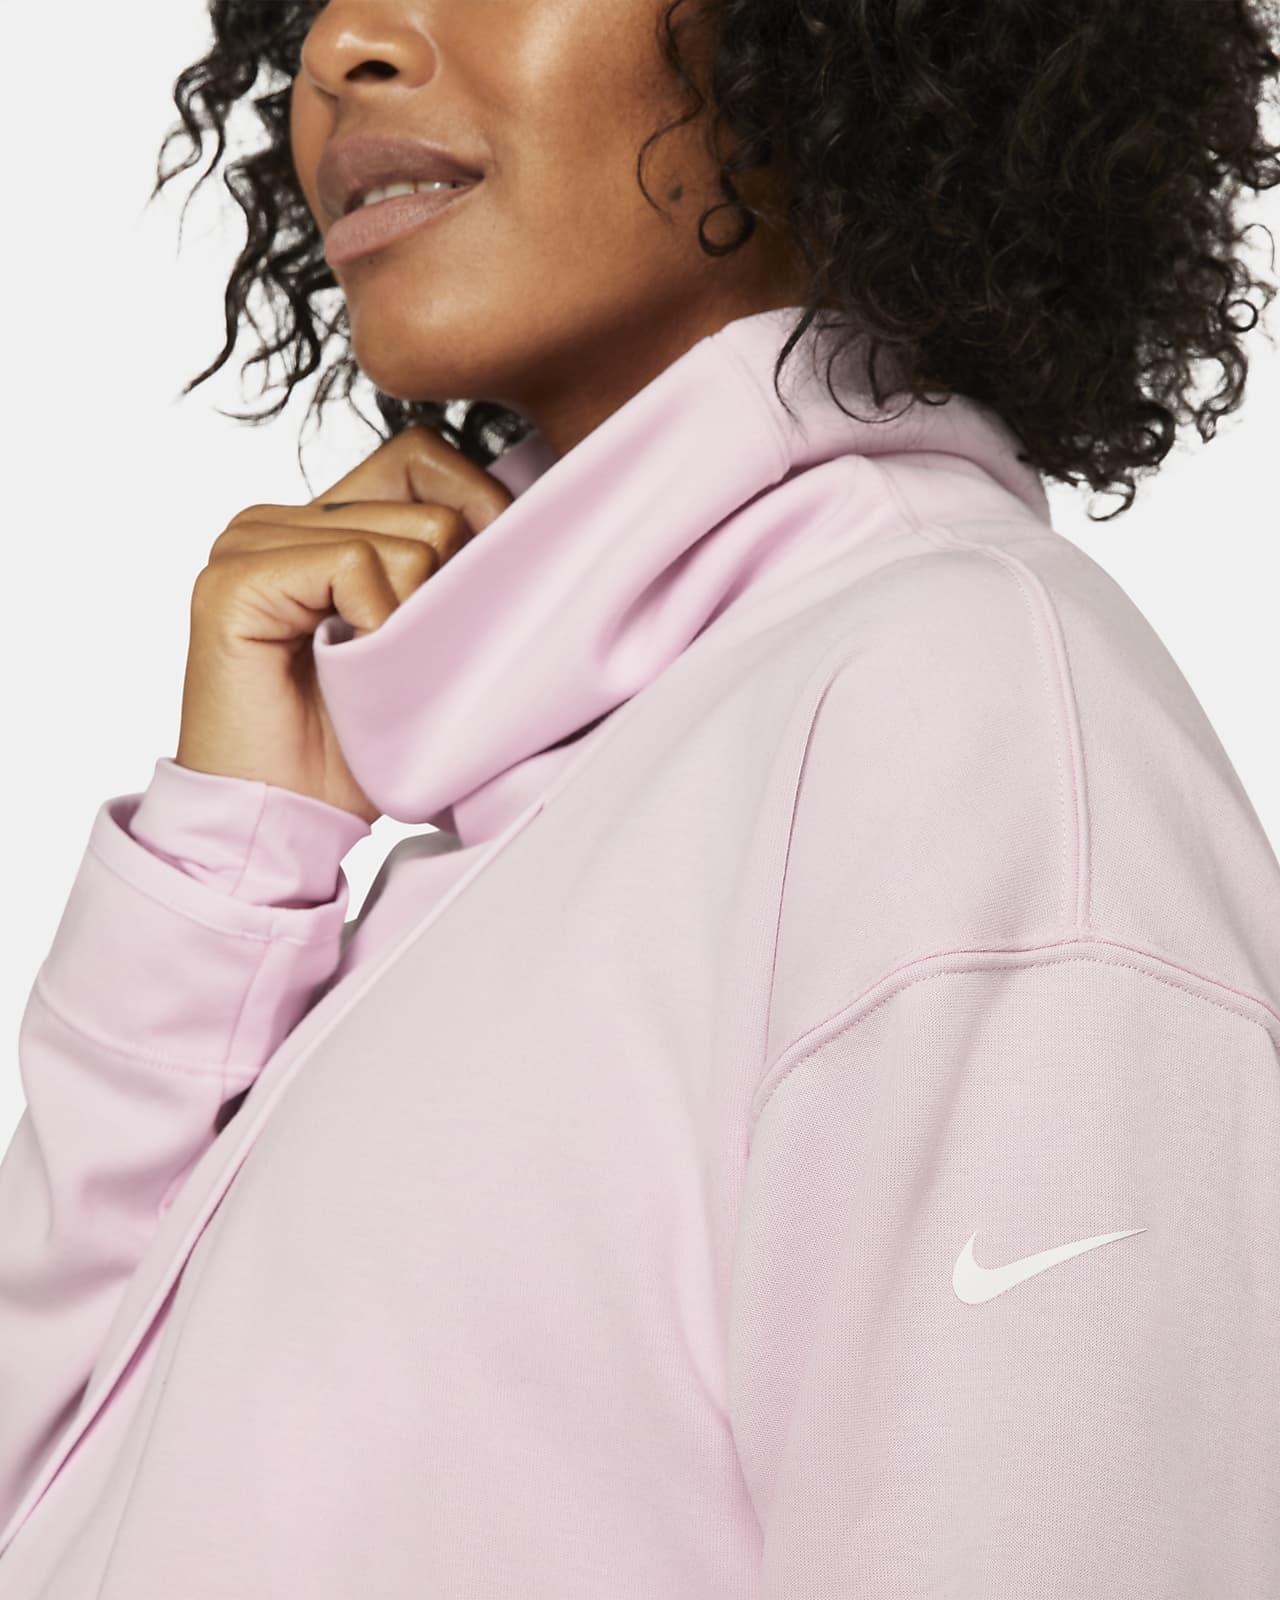 Potente meritare Serie storiche  Maglia Nike (M) - Donna (Maternità). Nike IT